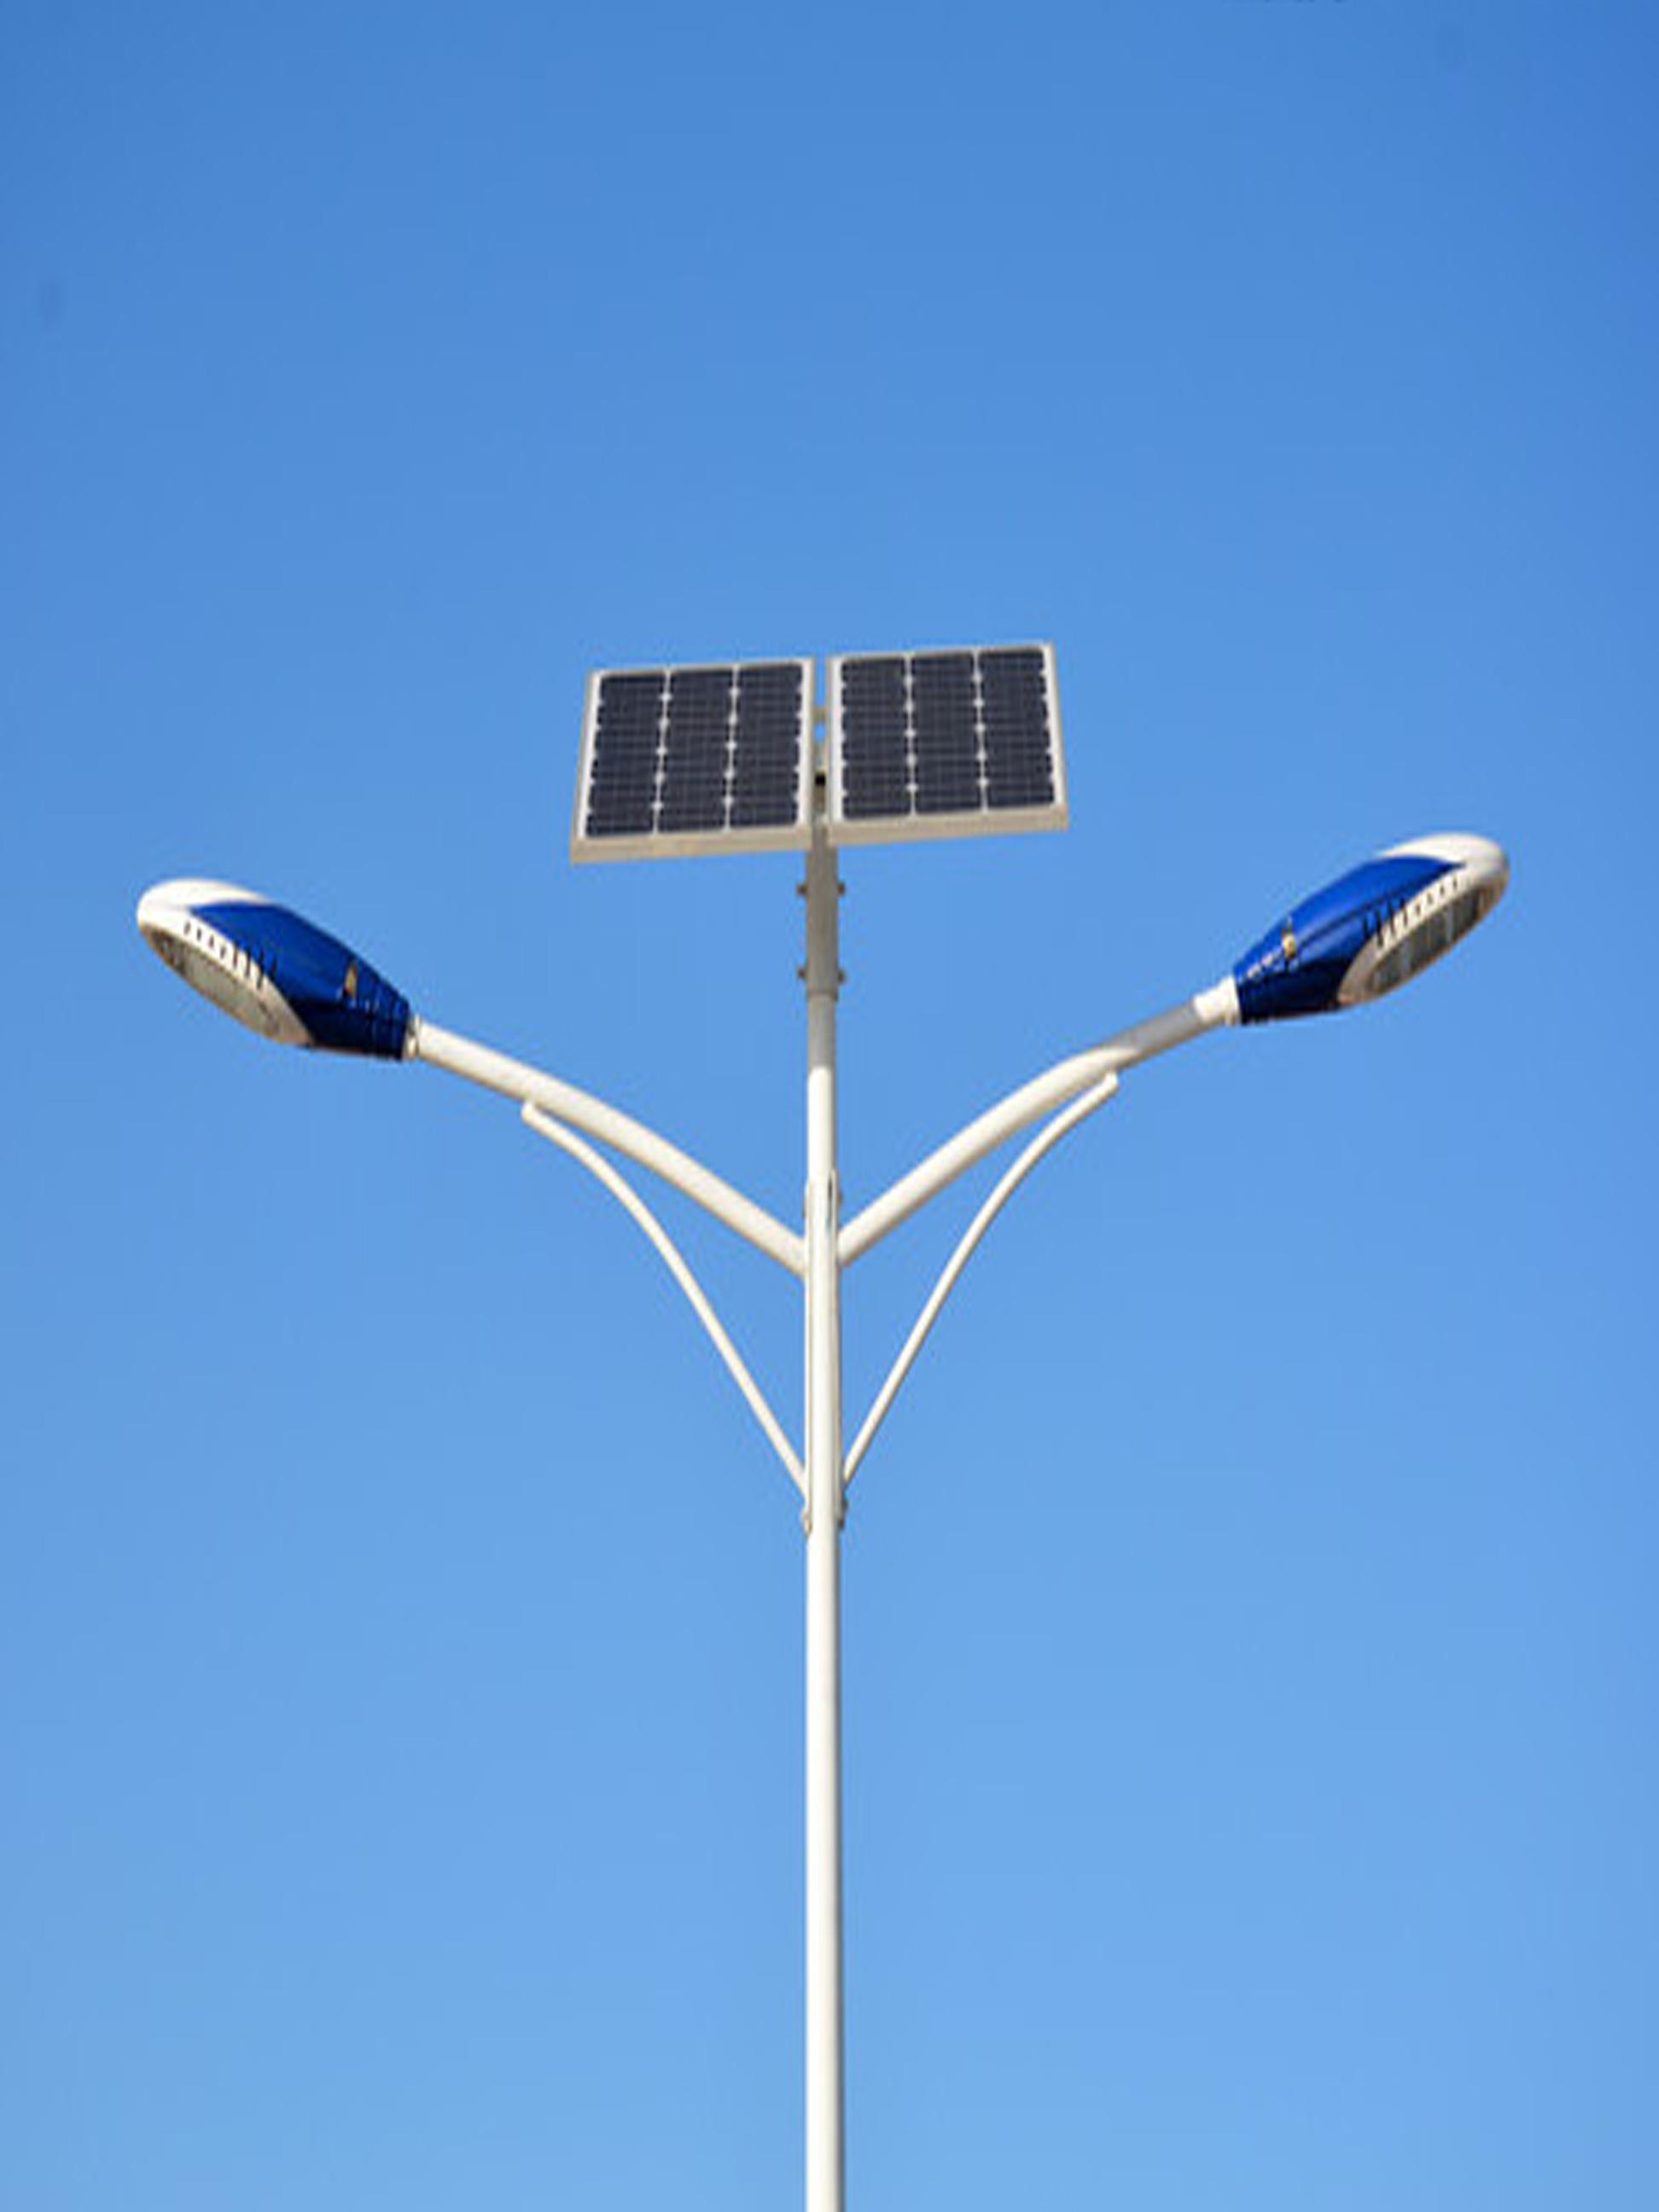 太阳能路灯节能环保